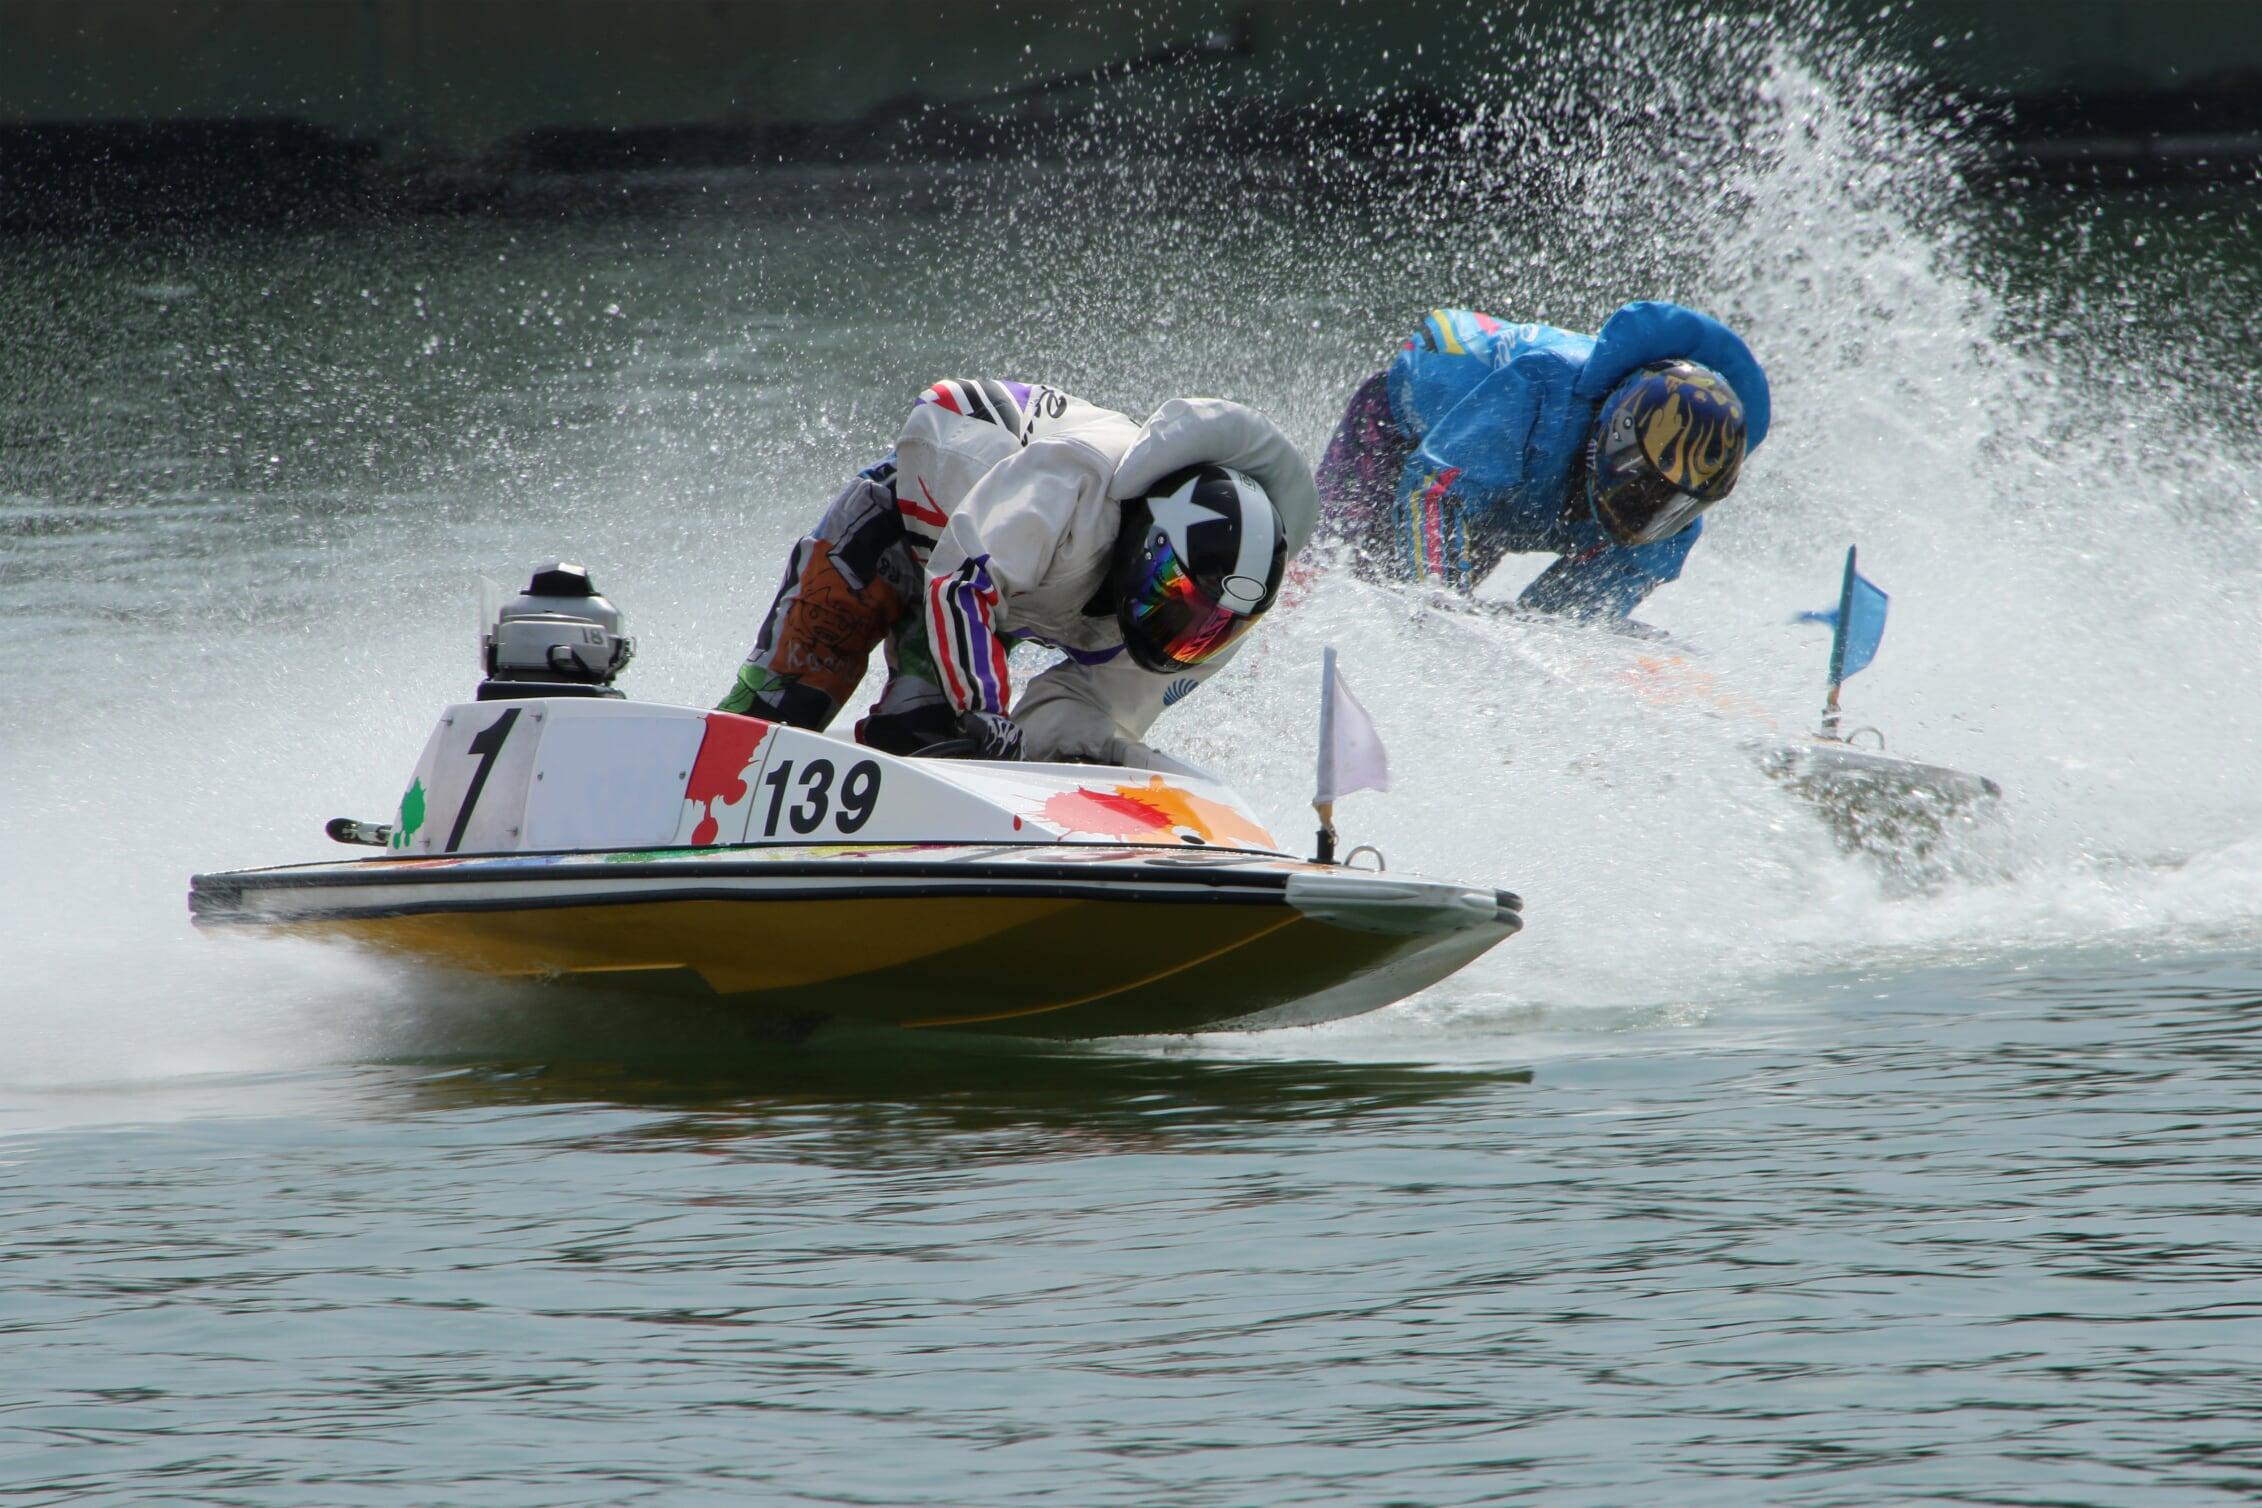 競艇 今日 の レース 結果 ボートレースまるがめ Official Site